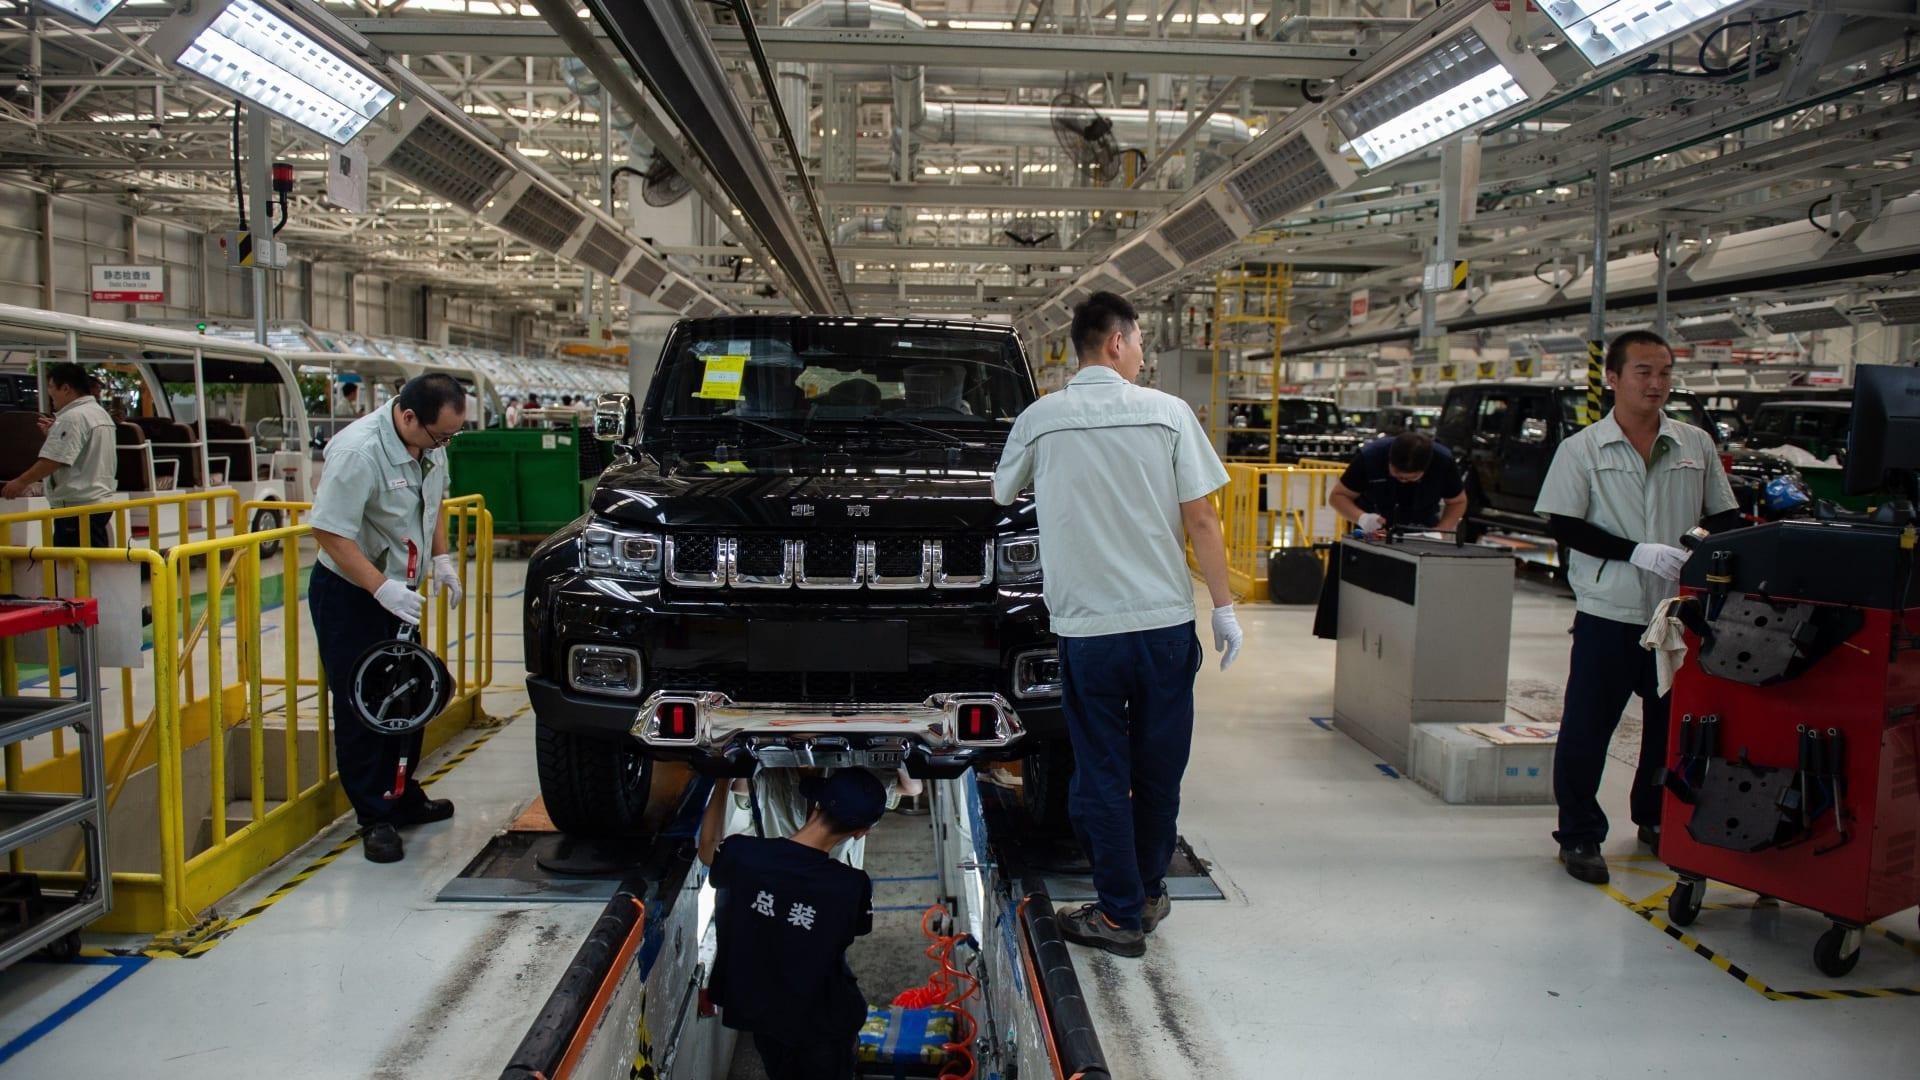 مبيعات السيارات في الصين تنخفض لأول مرة منذ 20 عامًا